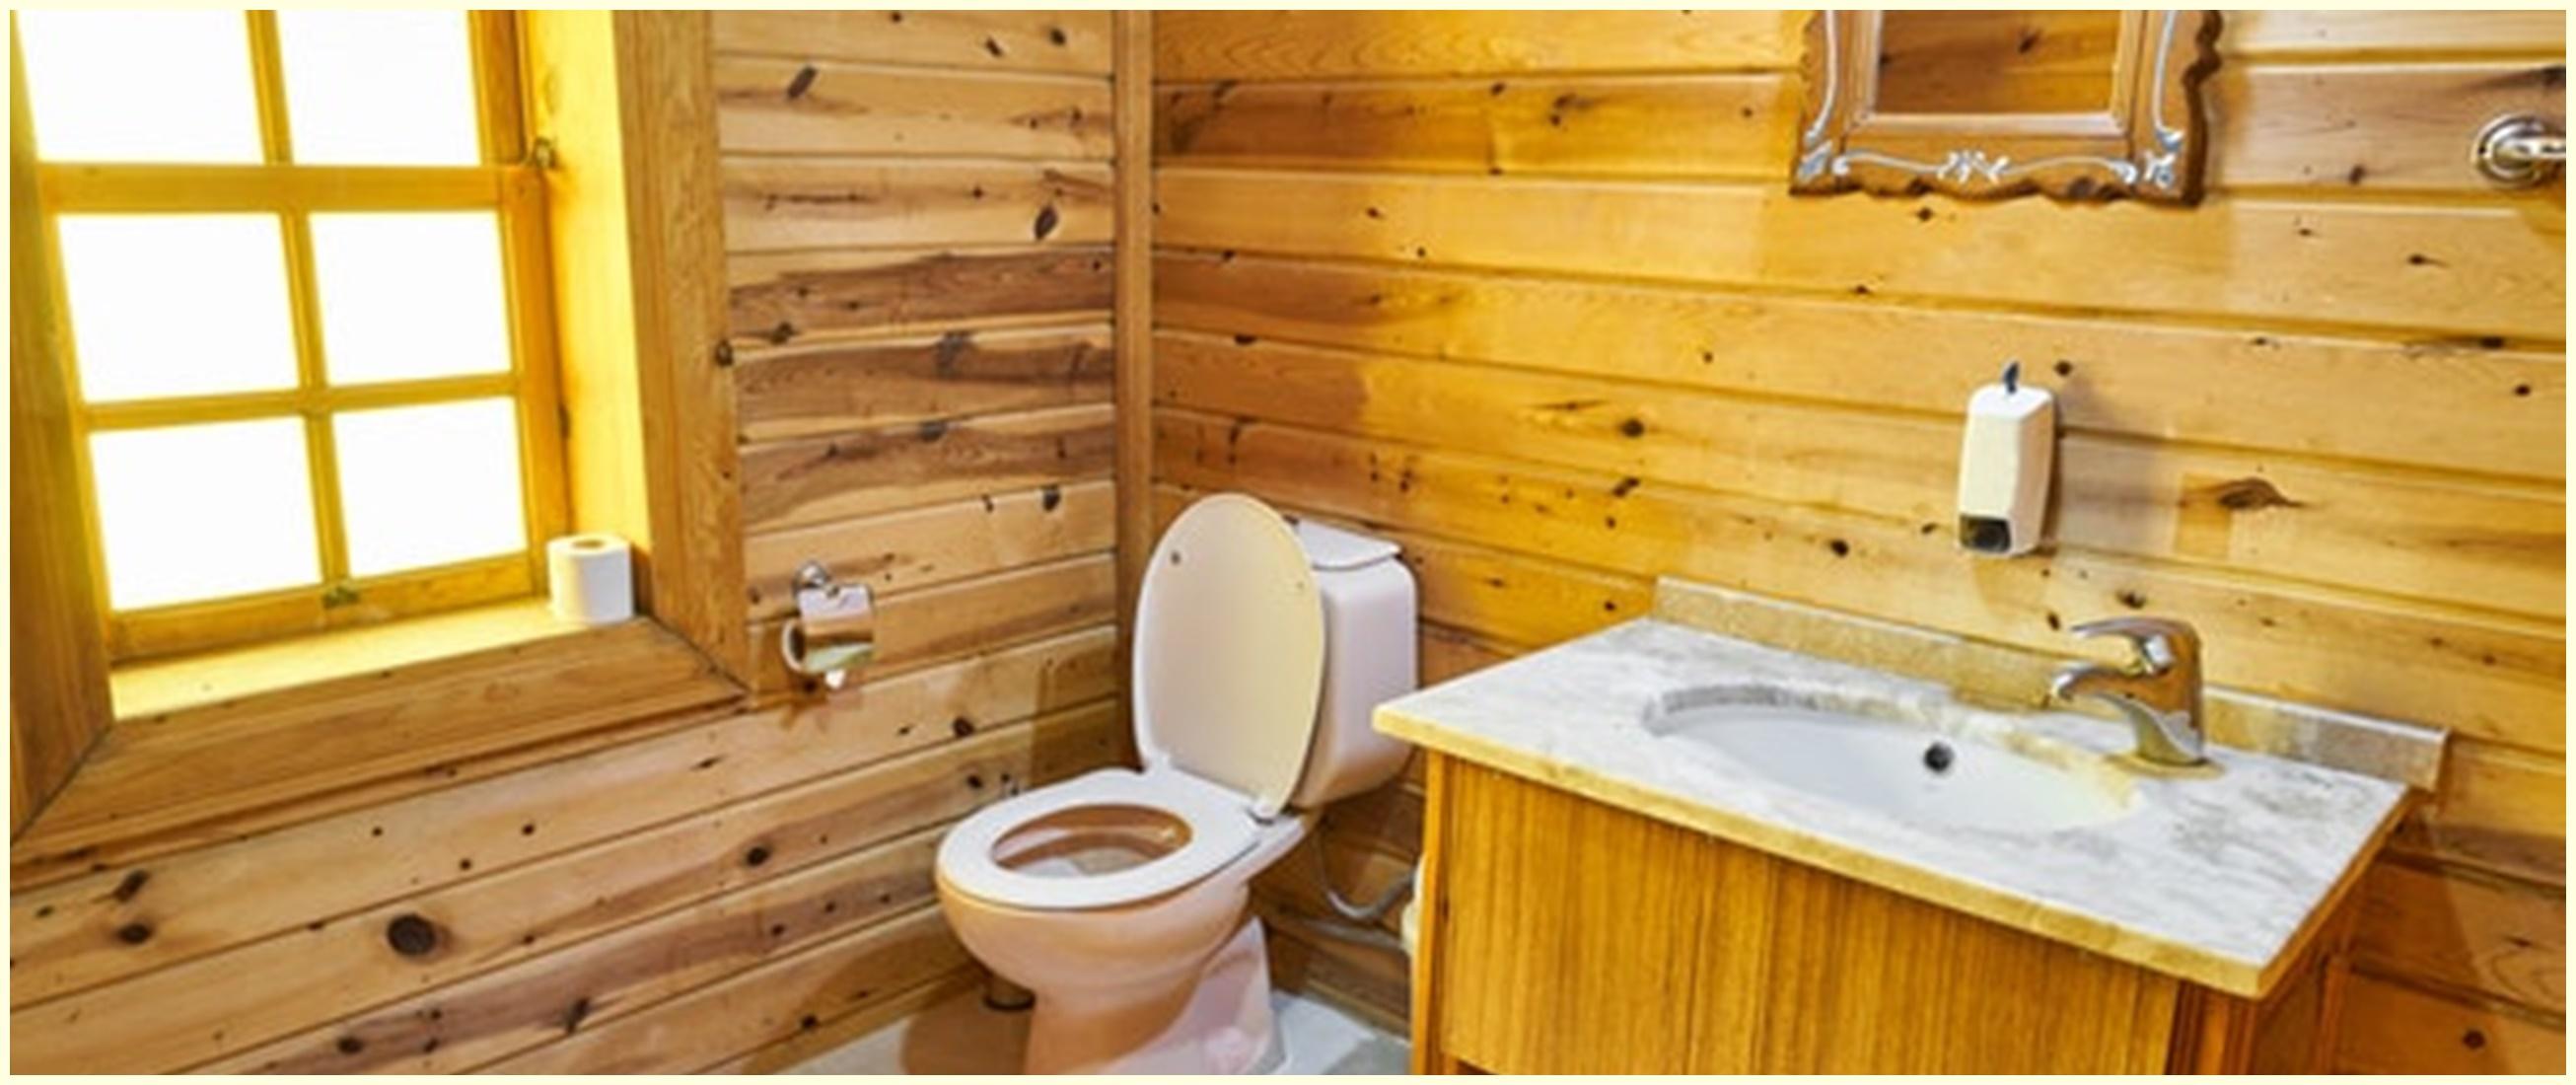 Biarkan toilet terbuka dapat cegah penularan corona? Ini penjelasannya